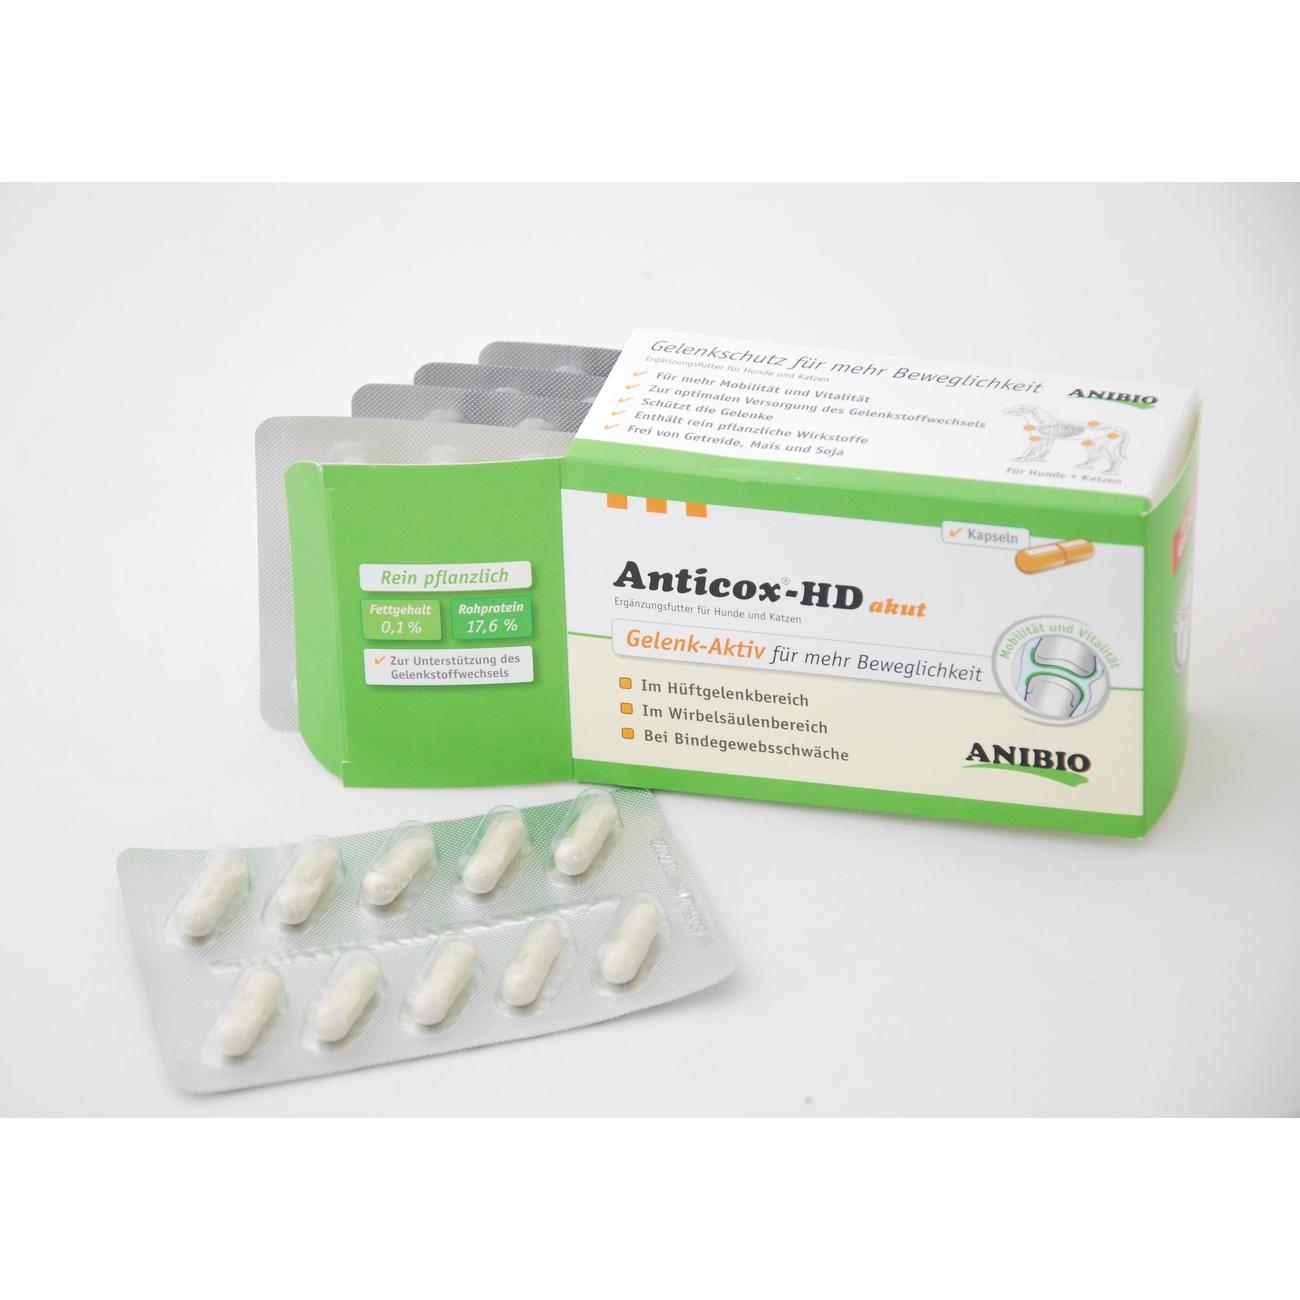 Anibio Anticox HD Akut